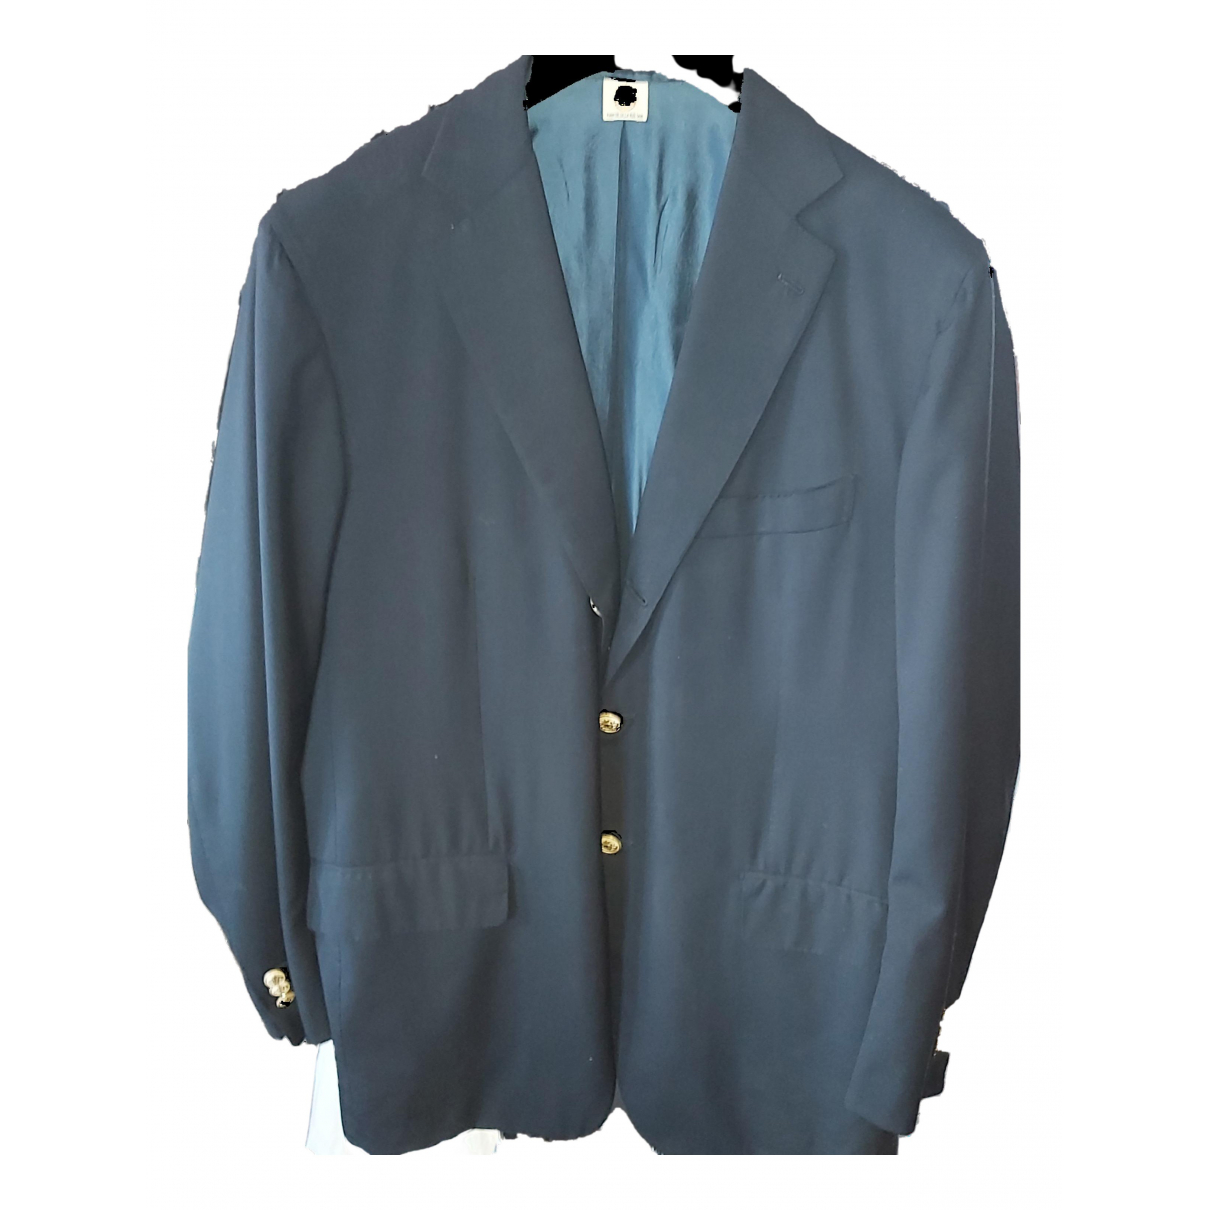 Borrelli - Vestes.Blousons   pour homme en laine - bleu